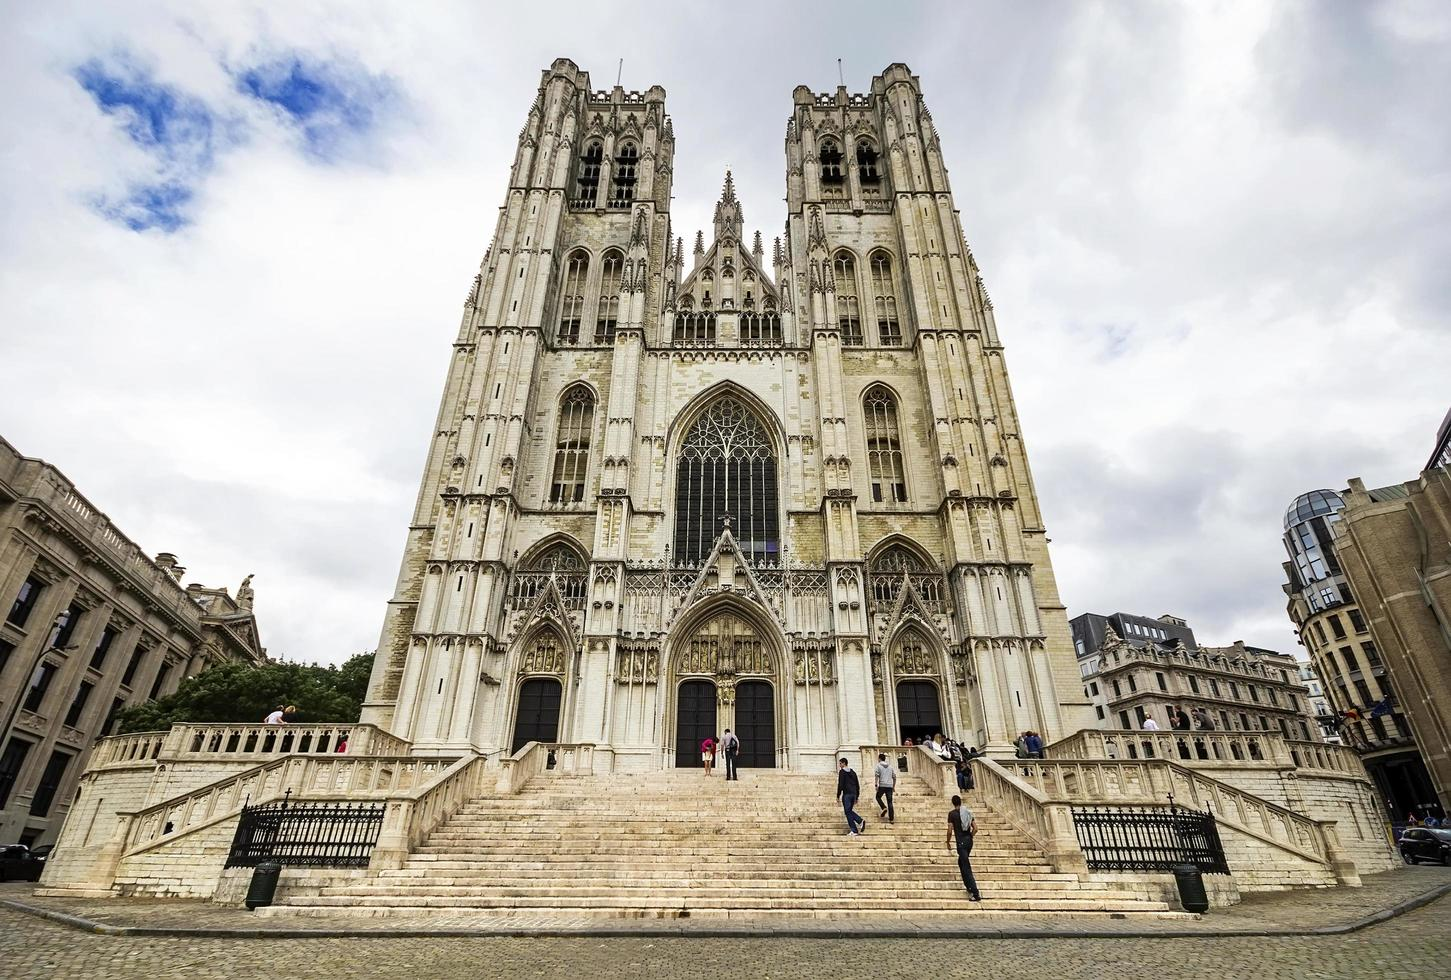 Kathedrale von st. michael und st. Gudula in Brüssel, Belgien foto